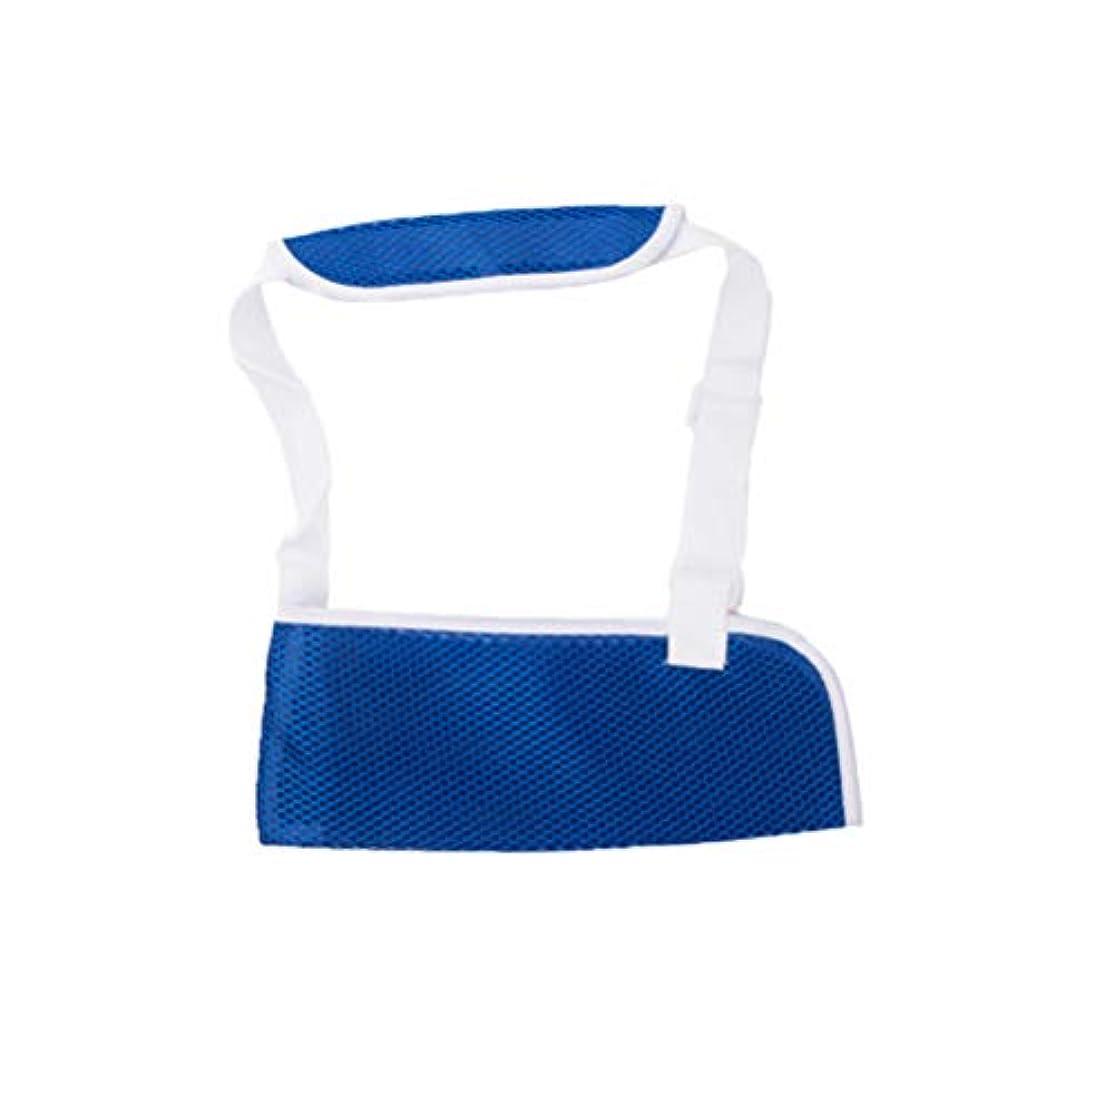 シロクマ平手打ち安いですSUPVOX 子供たちは脱臼骨折捻挫のためのスリング調節可能なショルダーイモビライザーアームスリング通気性医療肩壊れた腕腕